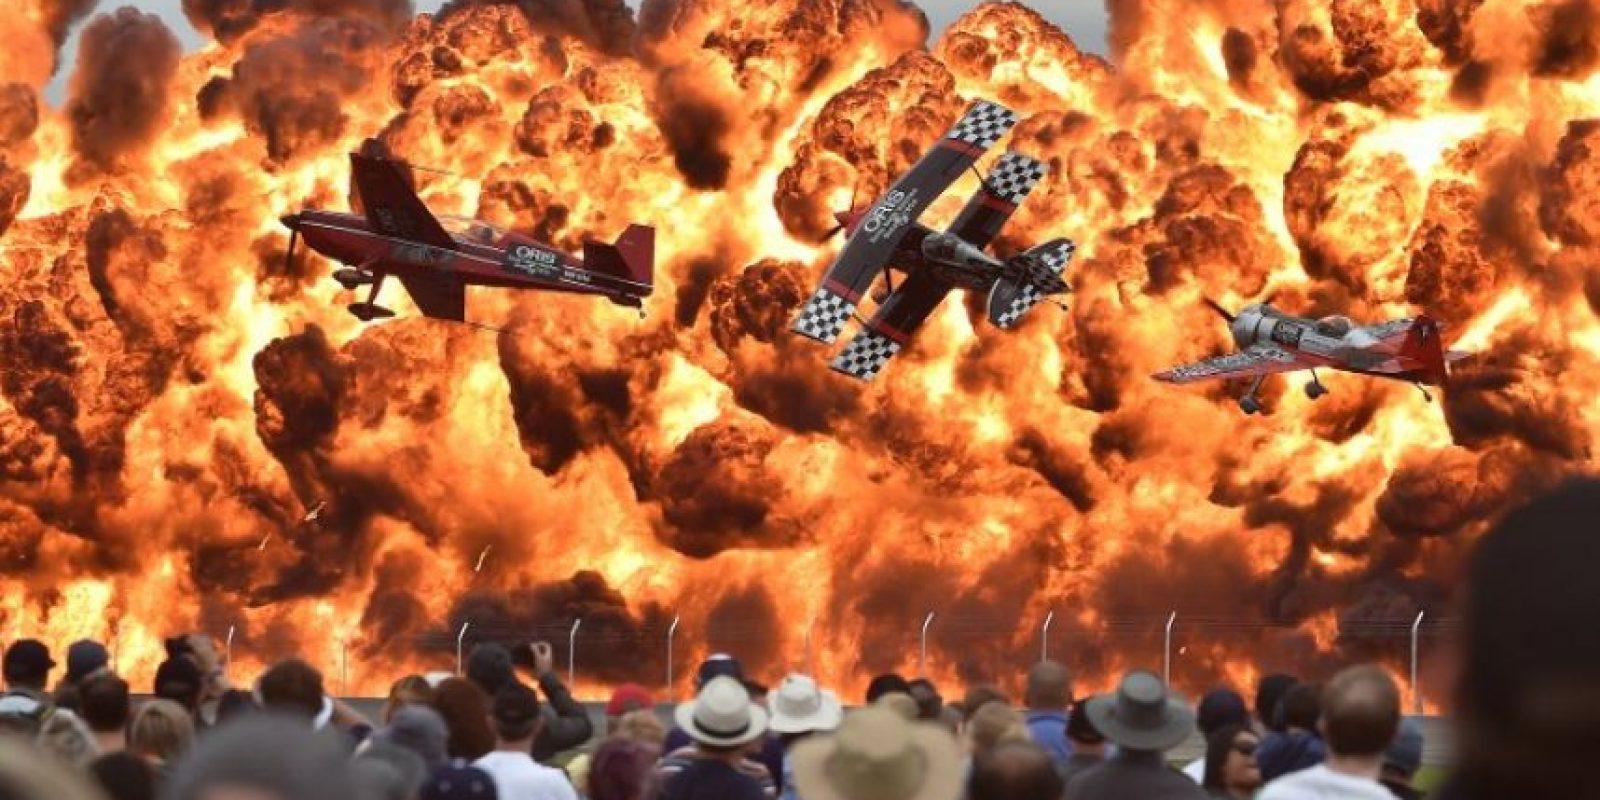 Pilotos realizan acrobacias en una exhibición en Australia Foto:AFP